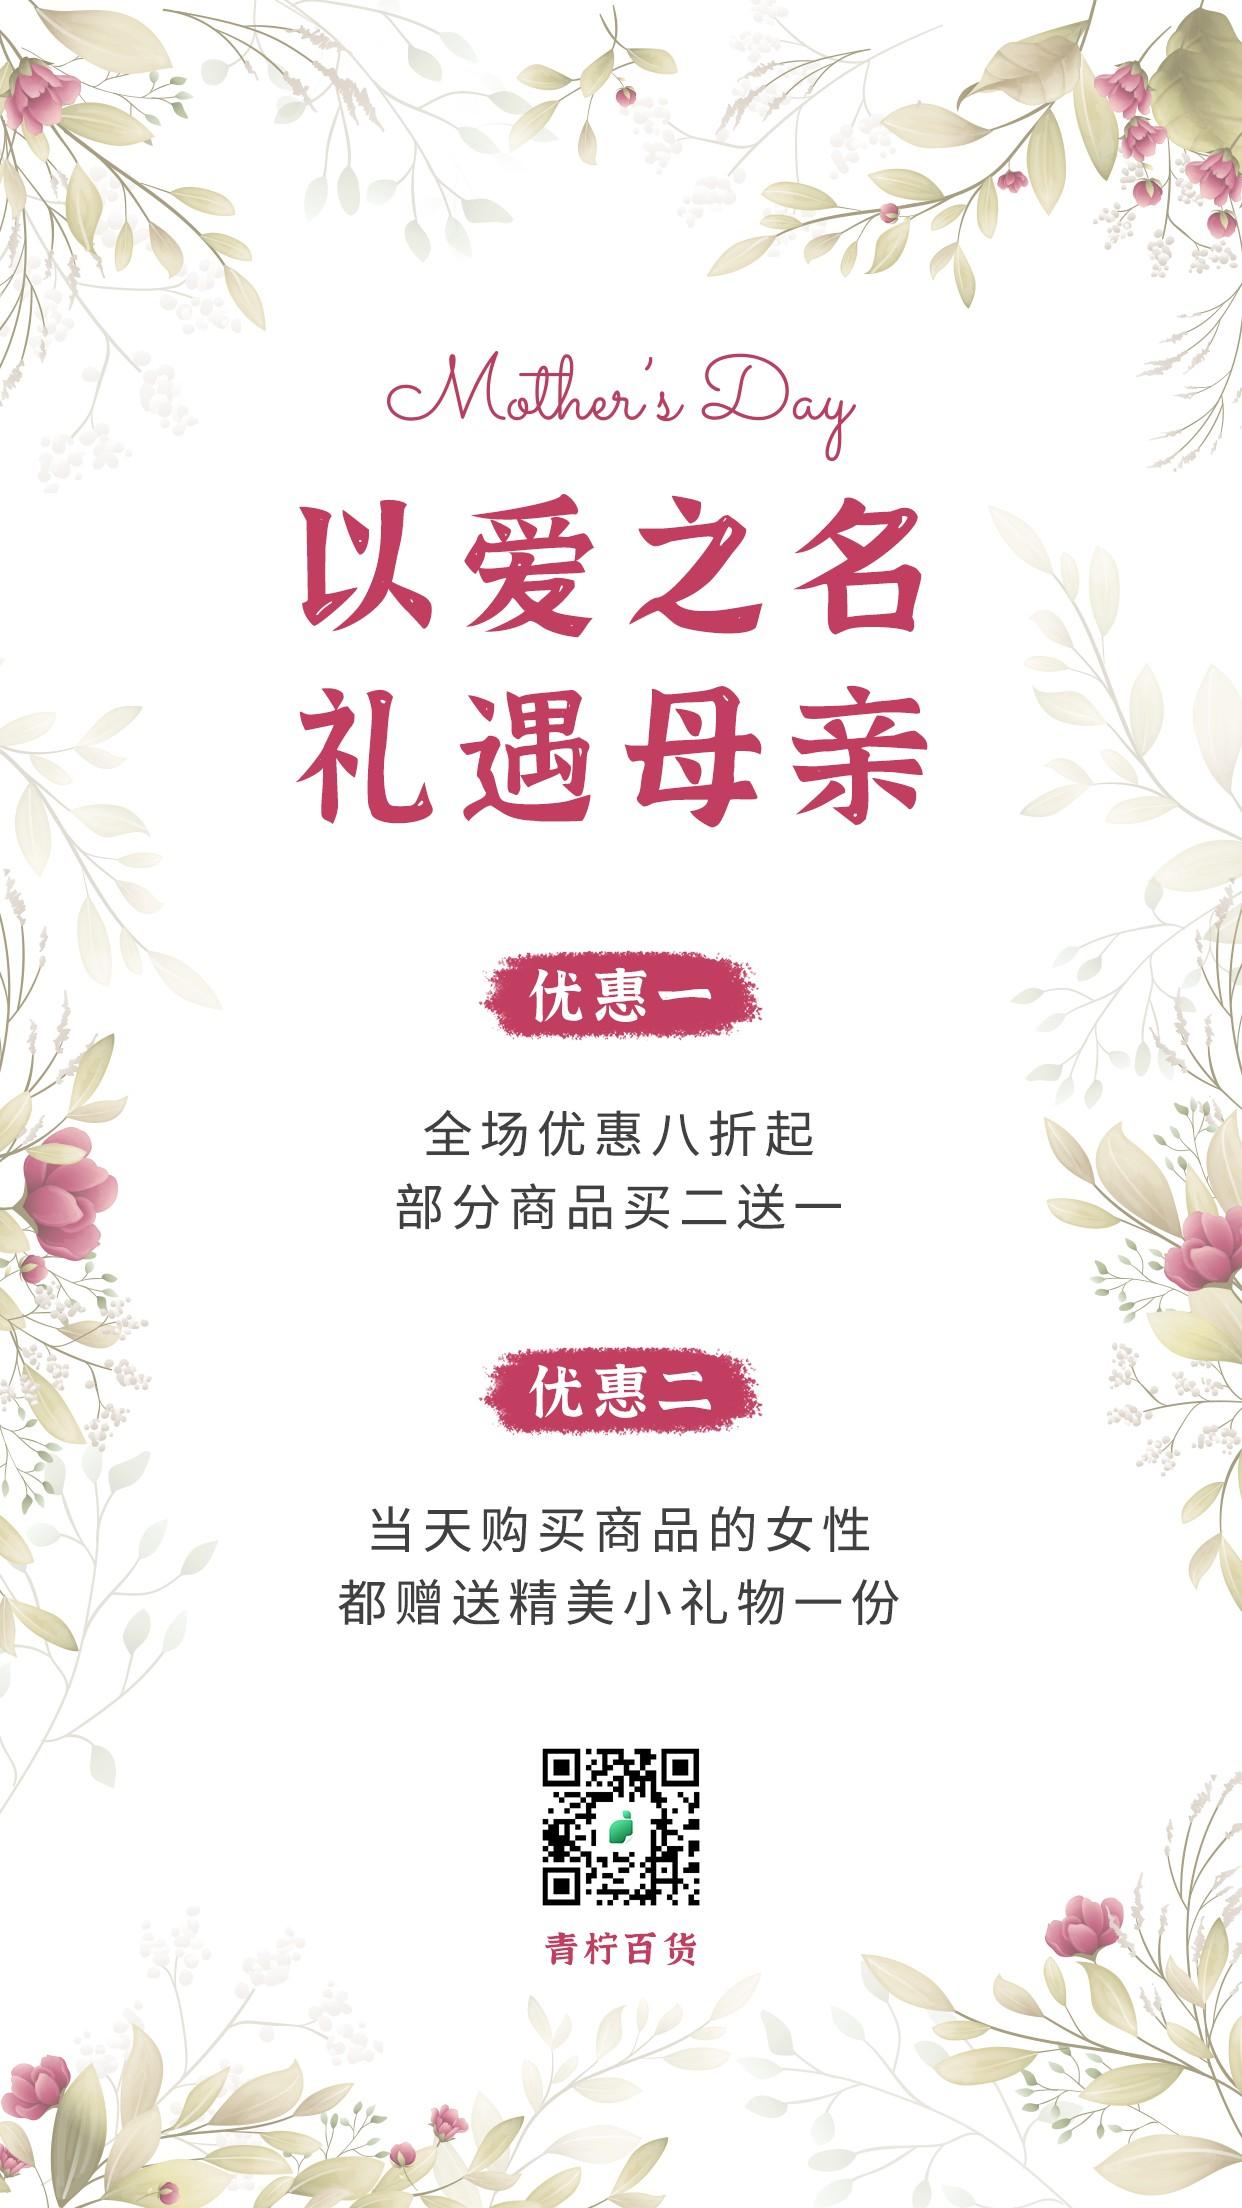 文艺市场营销母亲节手机海报